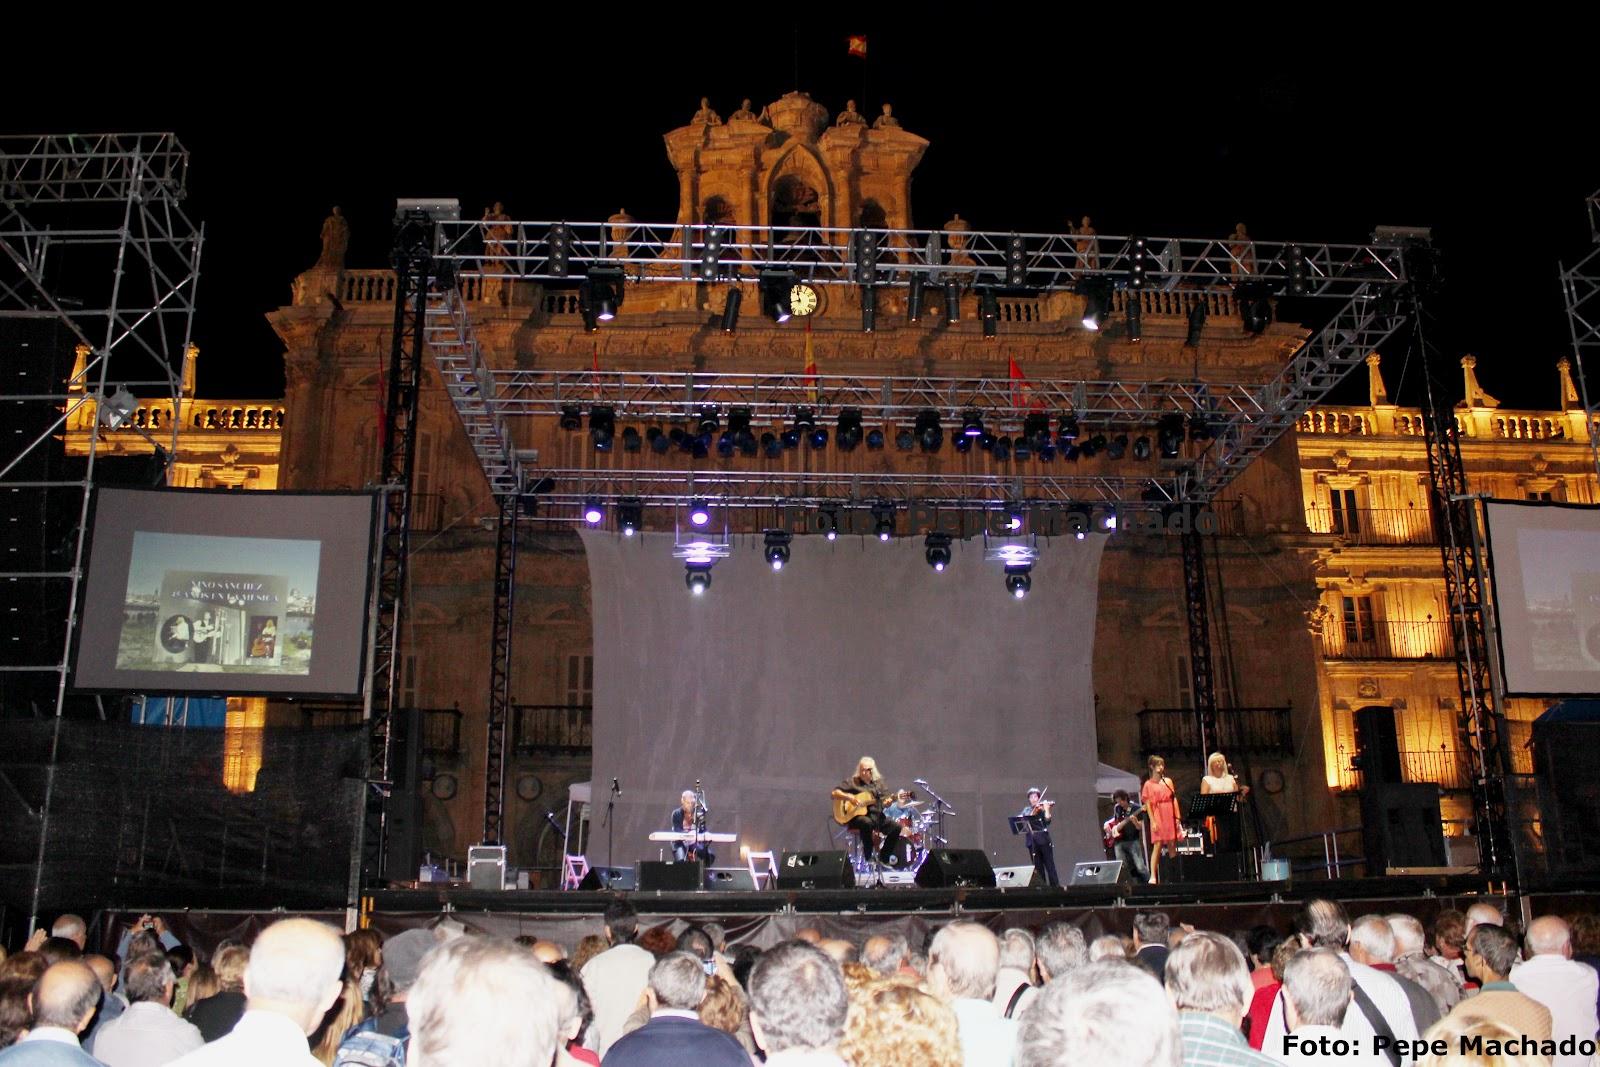 gran noche de la musica espanola: